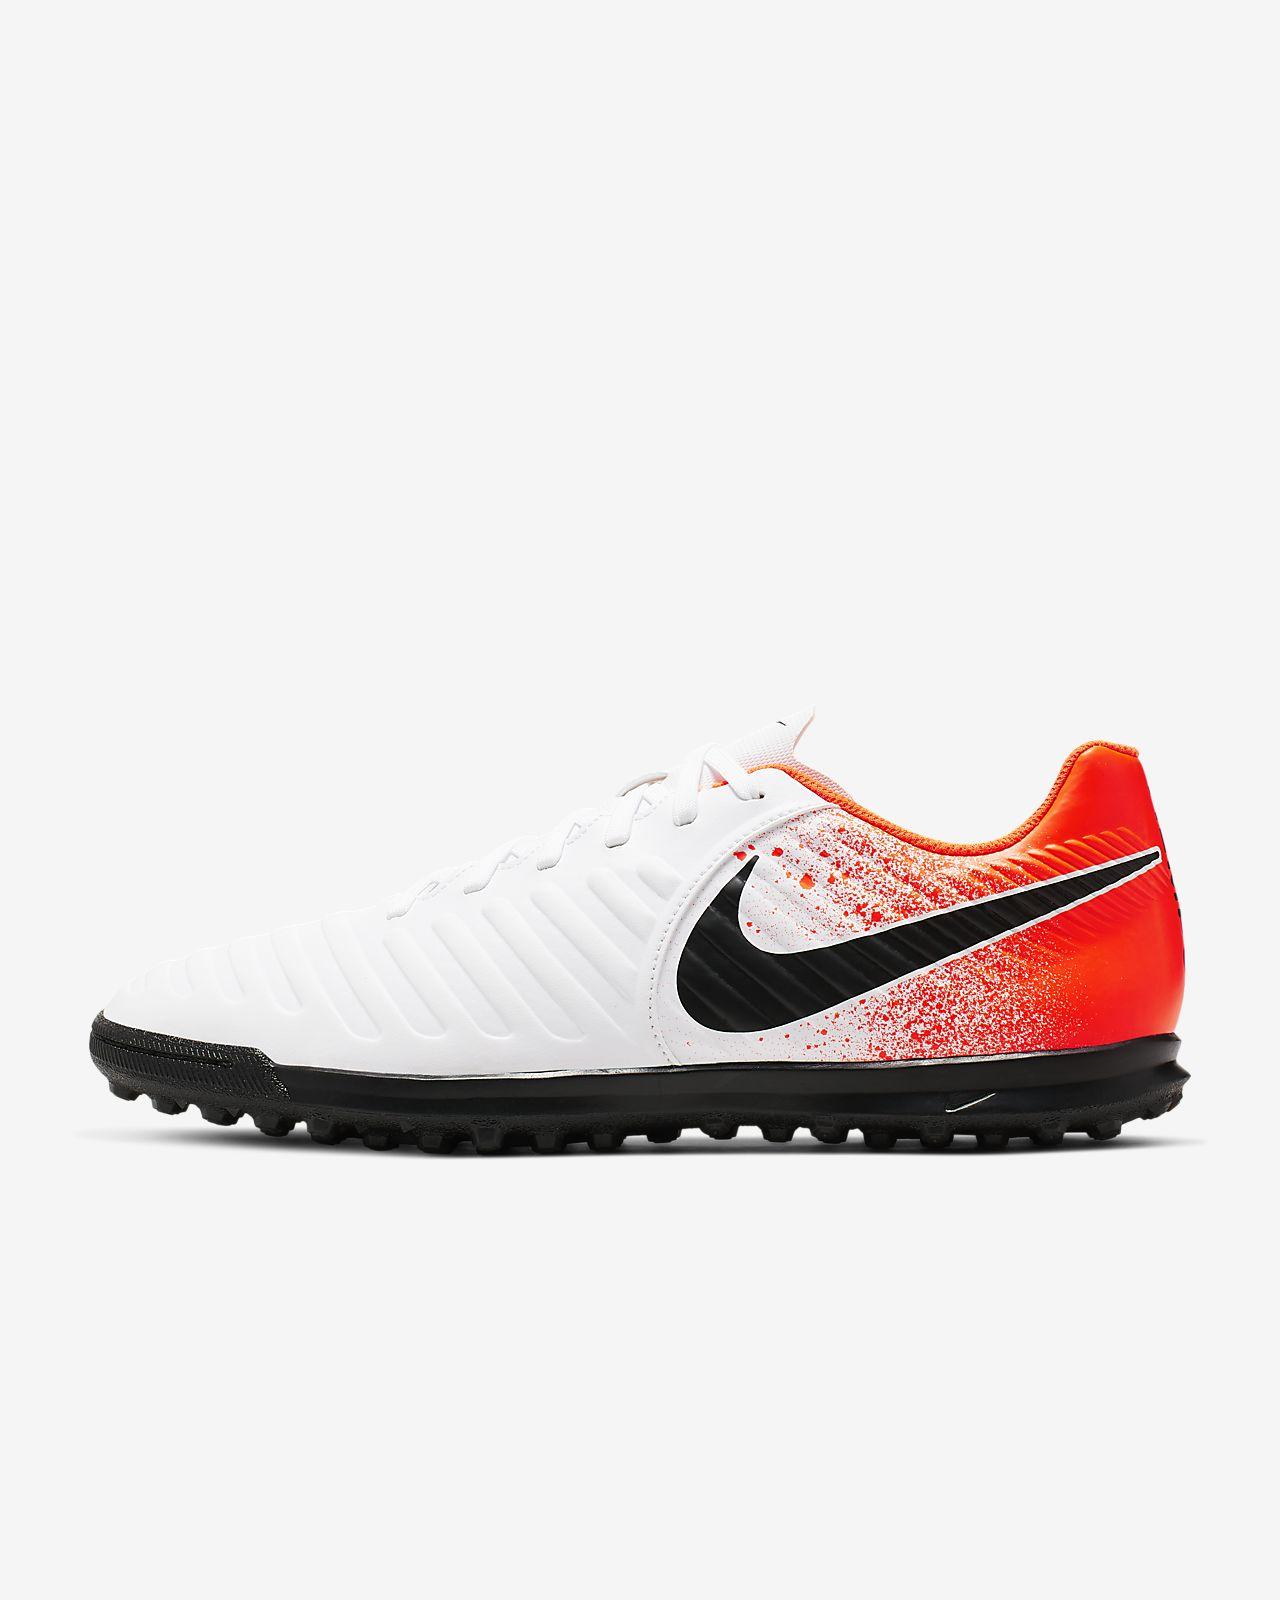 Nike LegendX 7 Club TF Turf Football Shoe